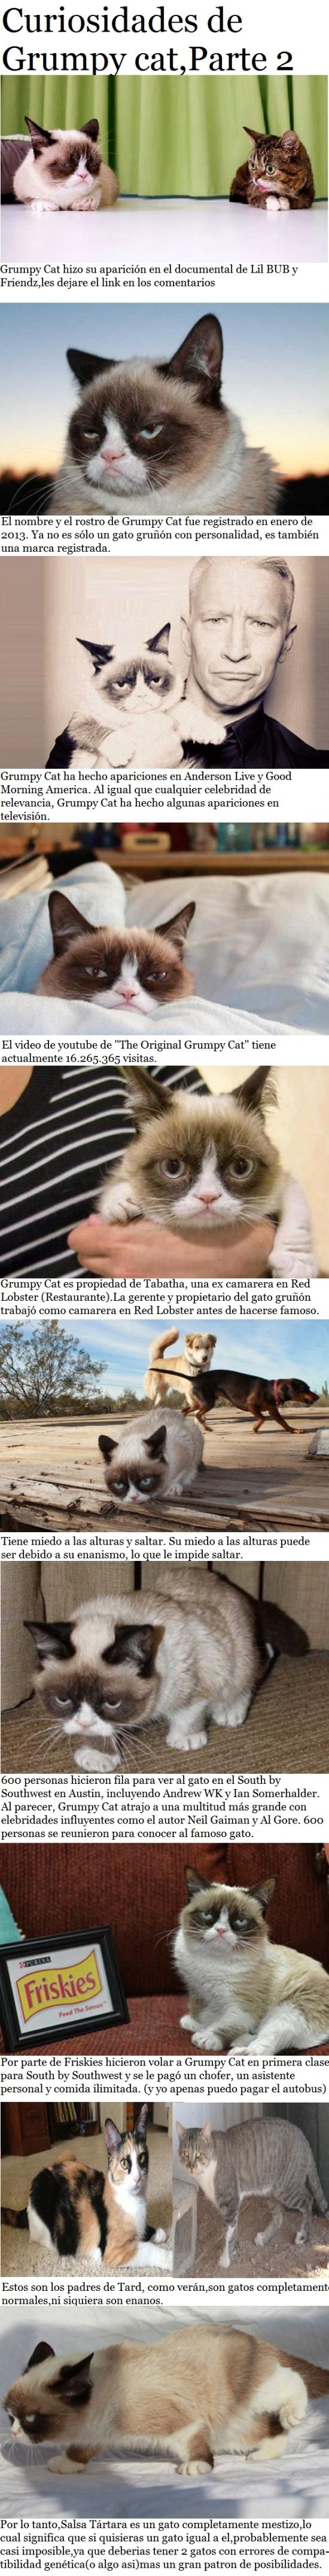 Grumpy_cat - Segunda y última entrega de las curiosidades sobre Grumpy Cat